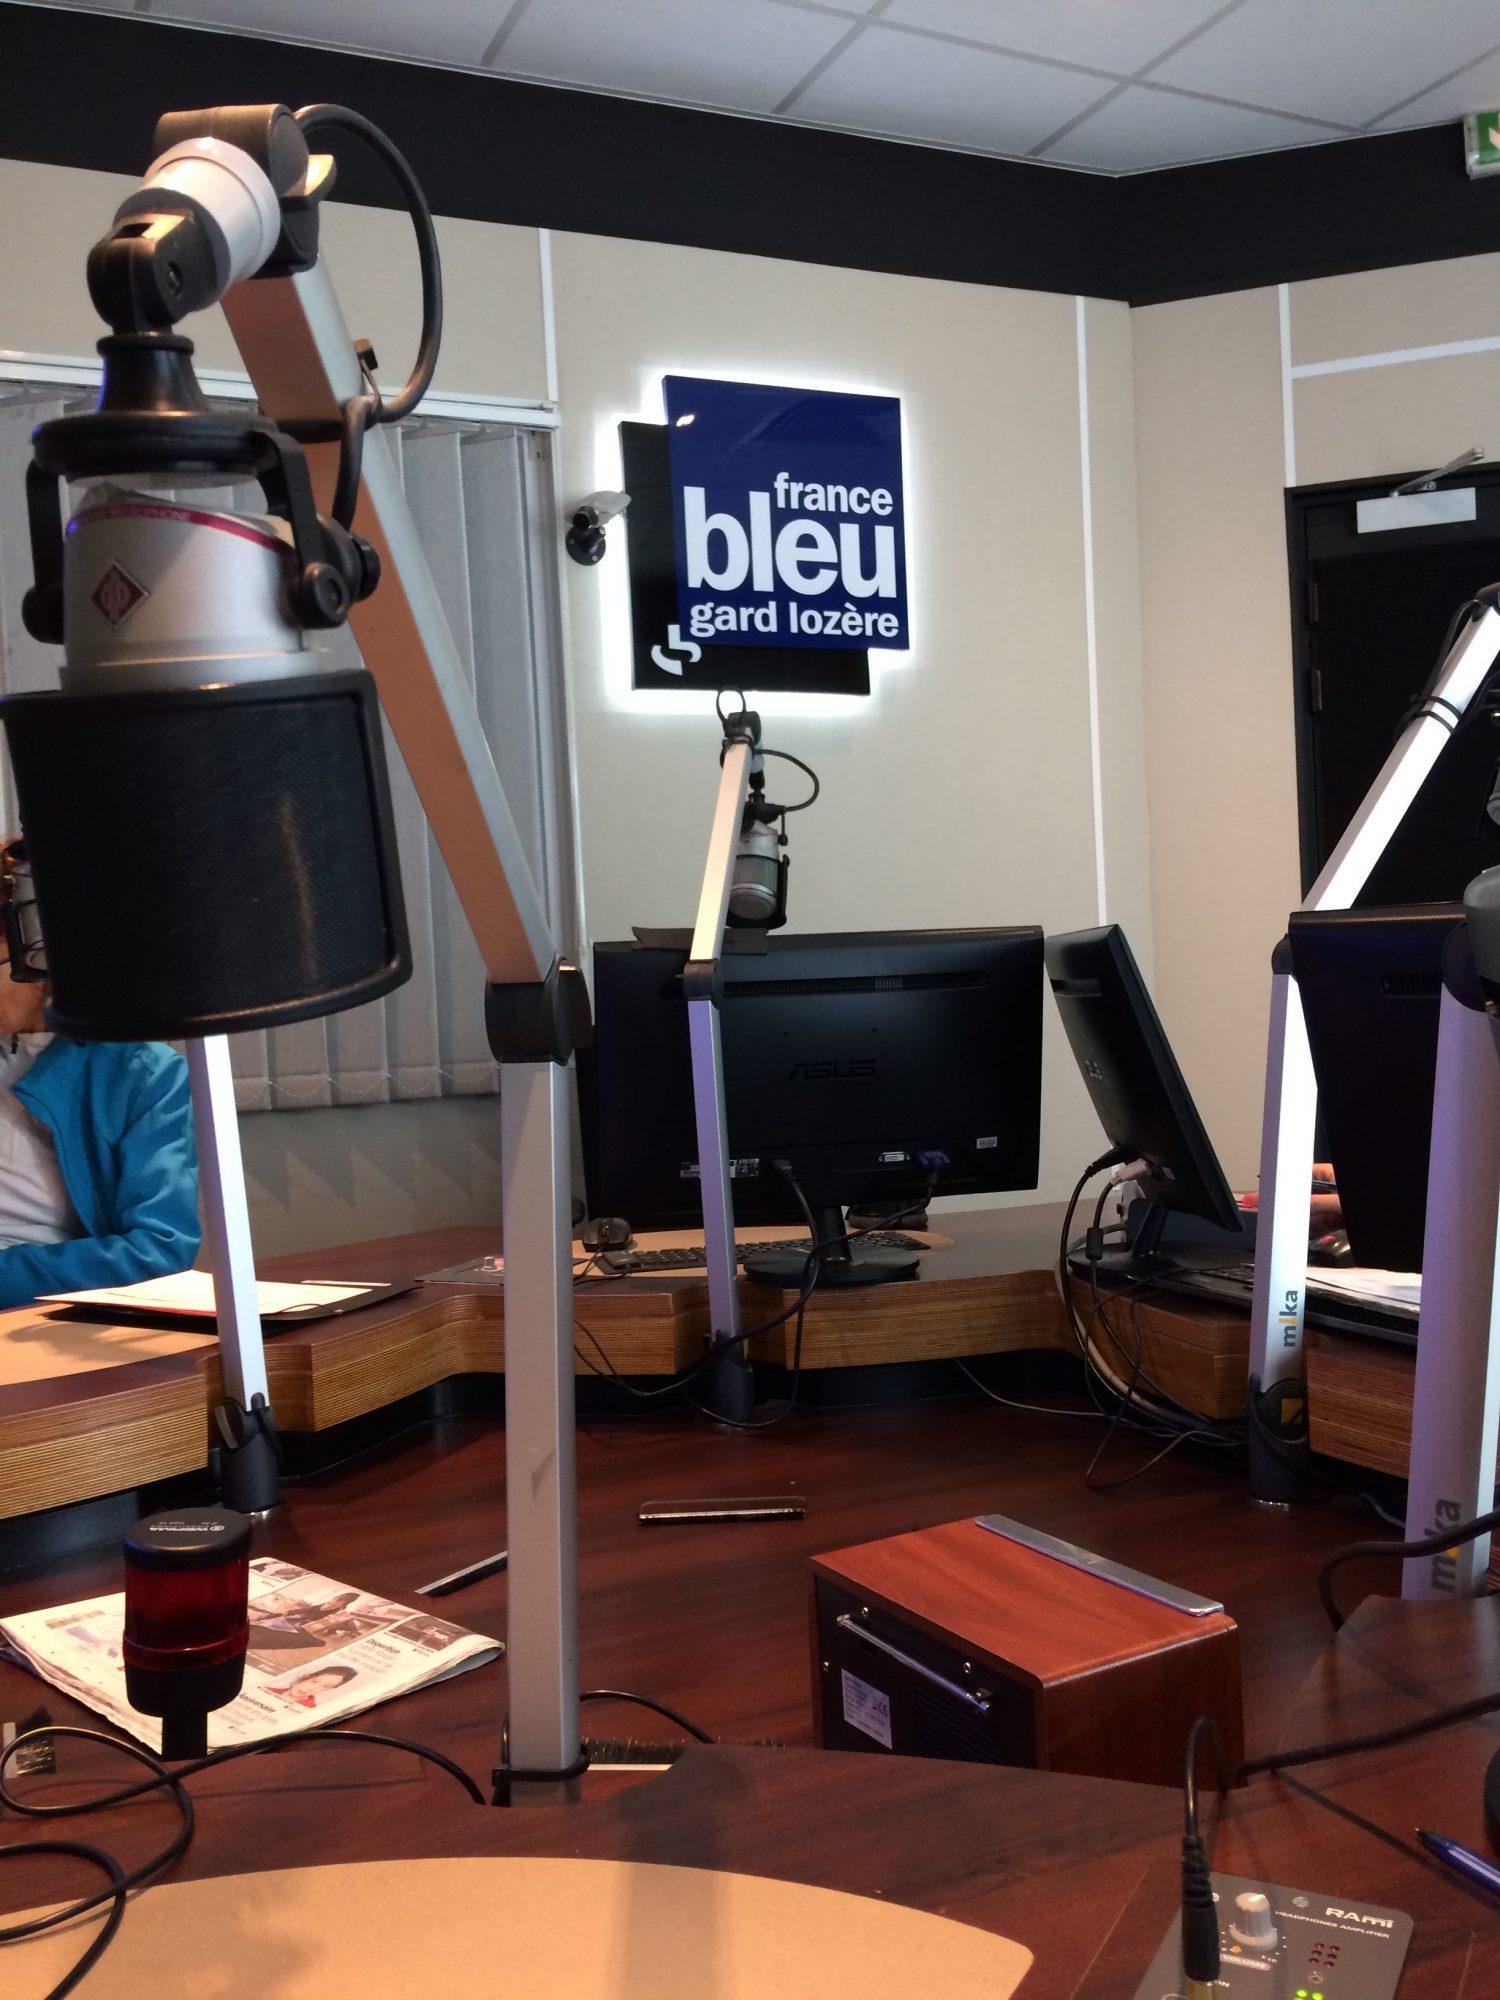 Kty.L Décoratrice UFDI Avignon et Nîmes (30 et 84), consultante déco dans la Bande à Servane sur France Bleu Gard-Lozère